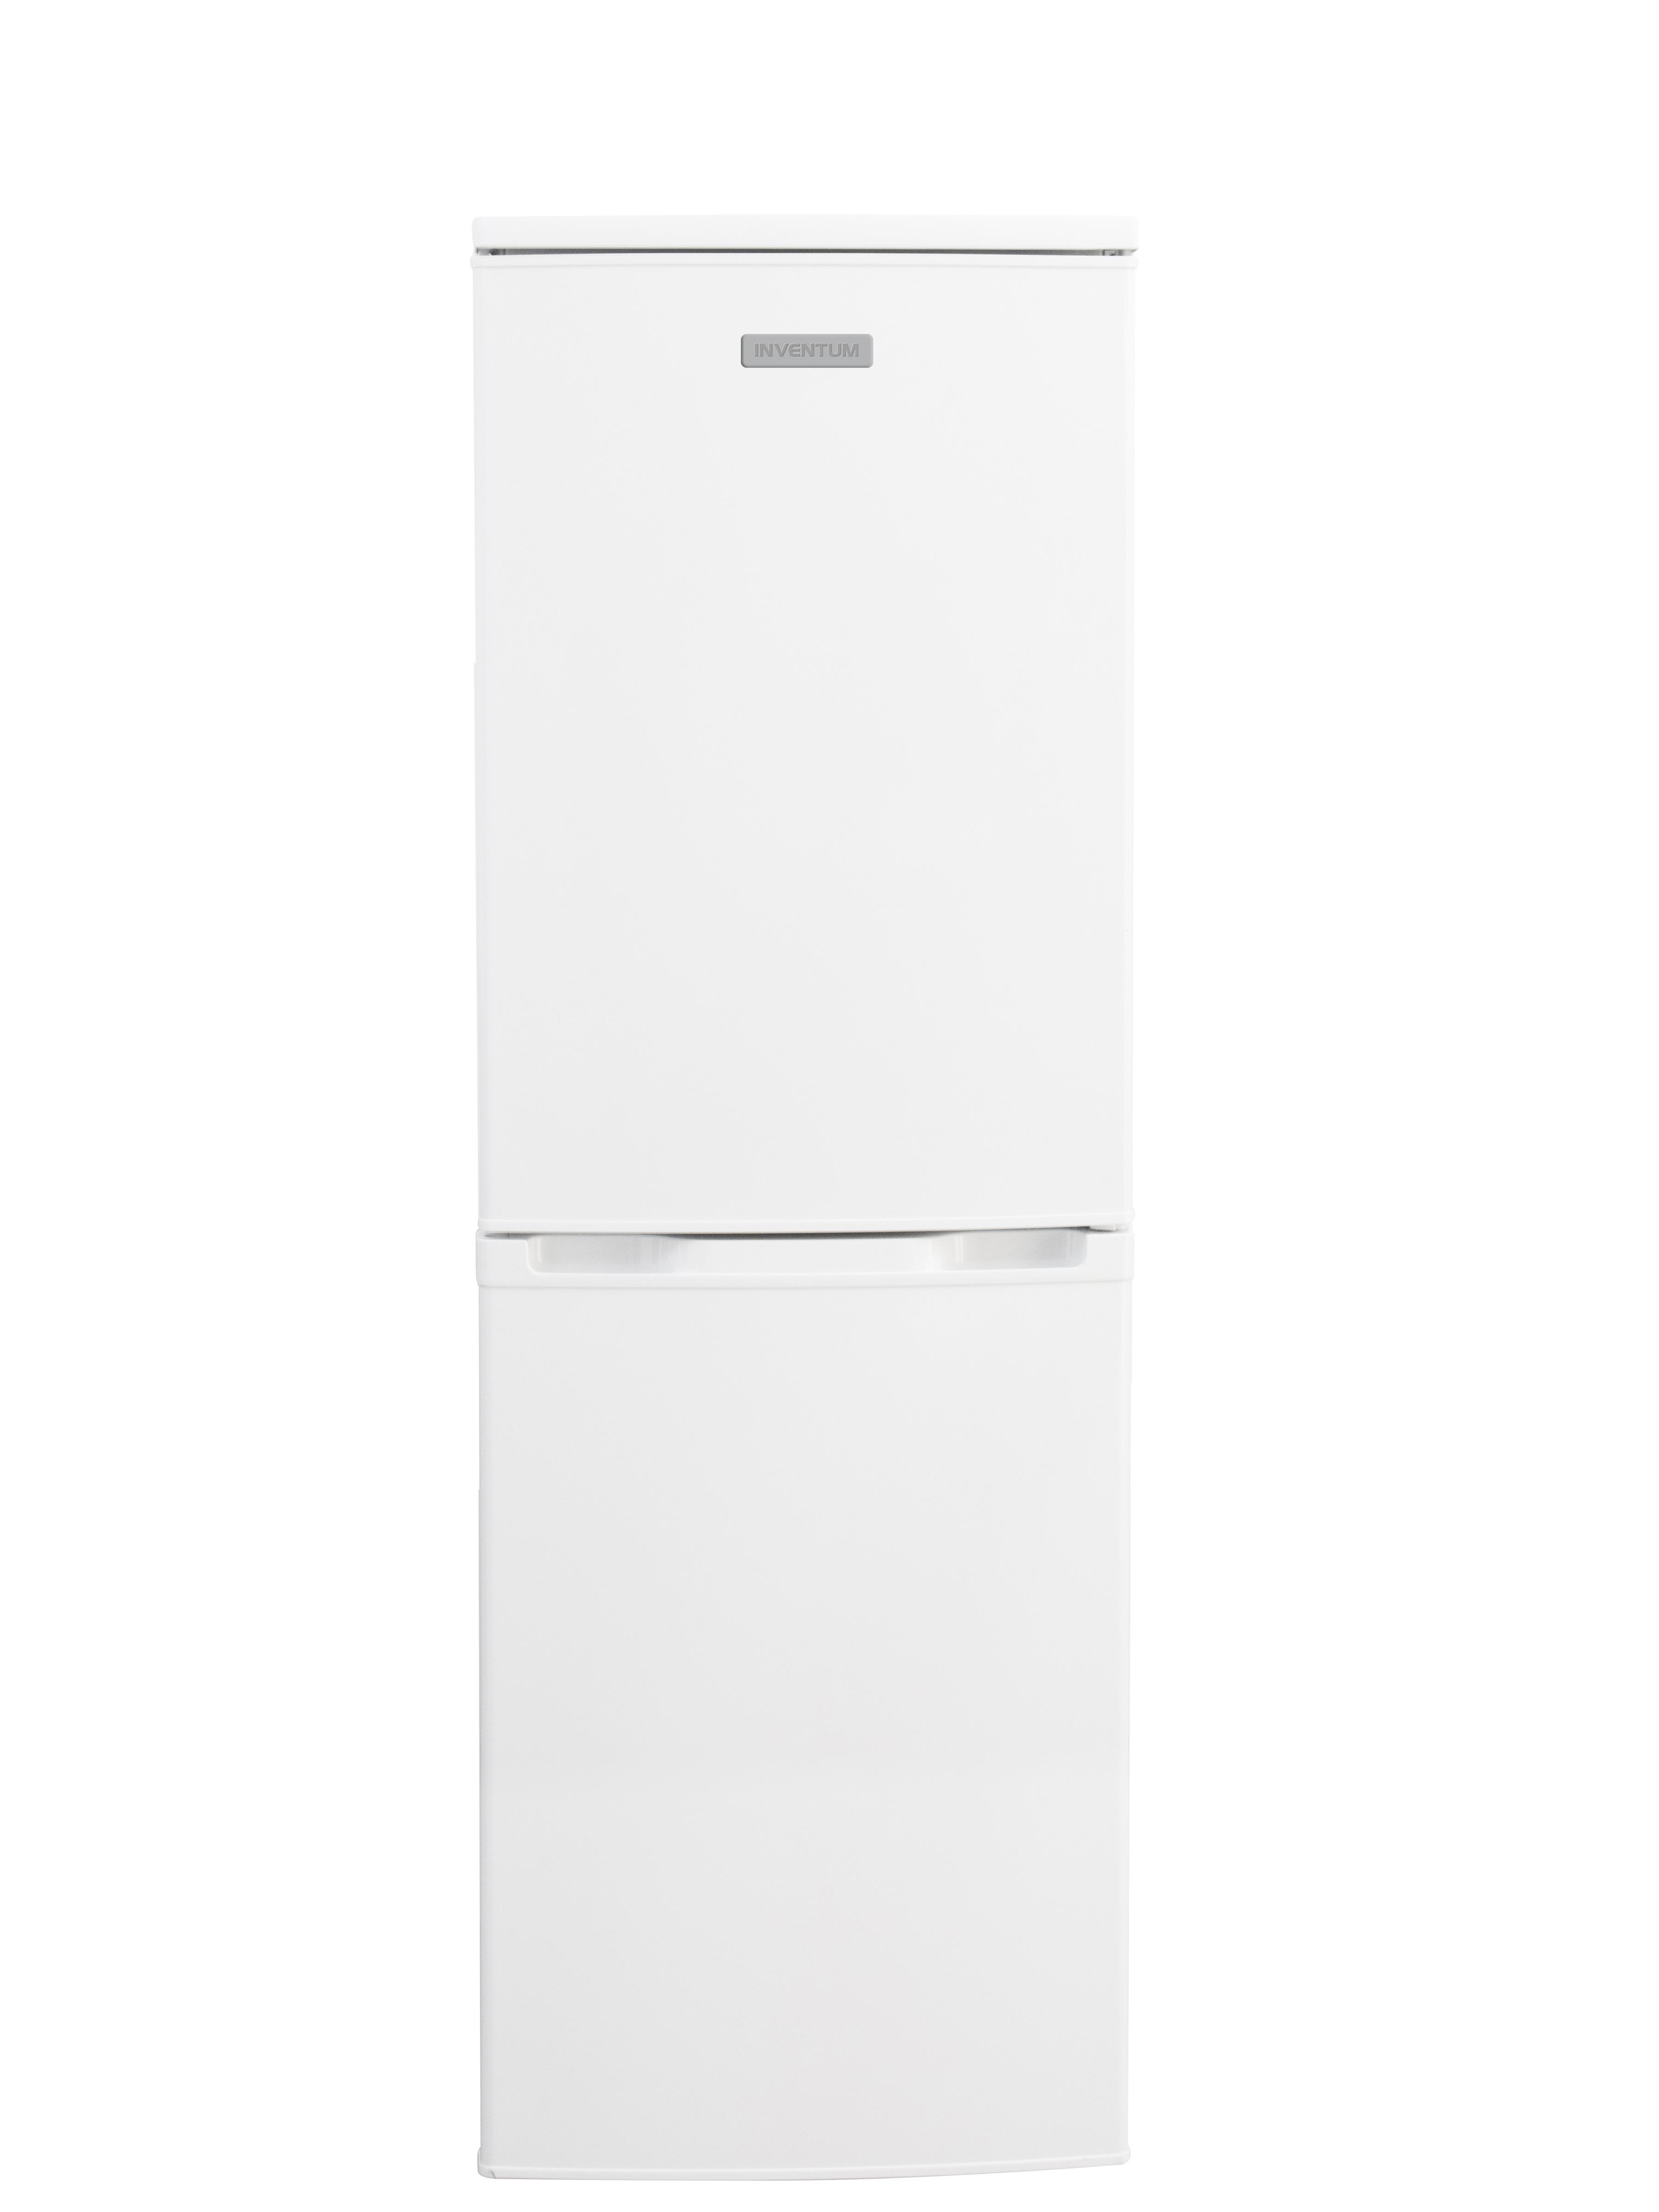 Op Perfect LCD is alles over witgoed te vinden: waaronder expert en specifiek Inventum koelkast met vriesvak KV1530 wit